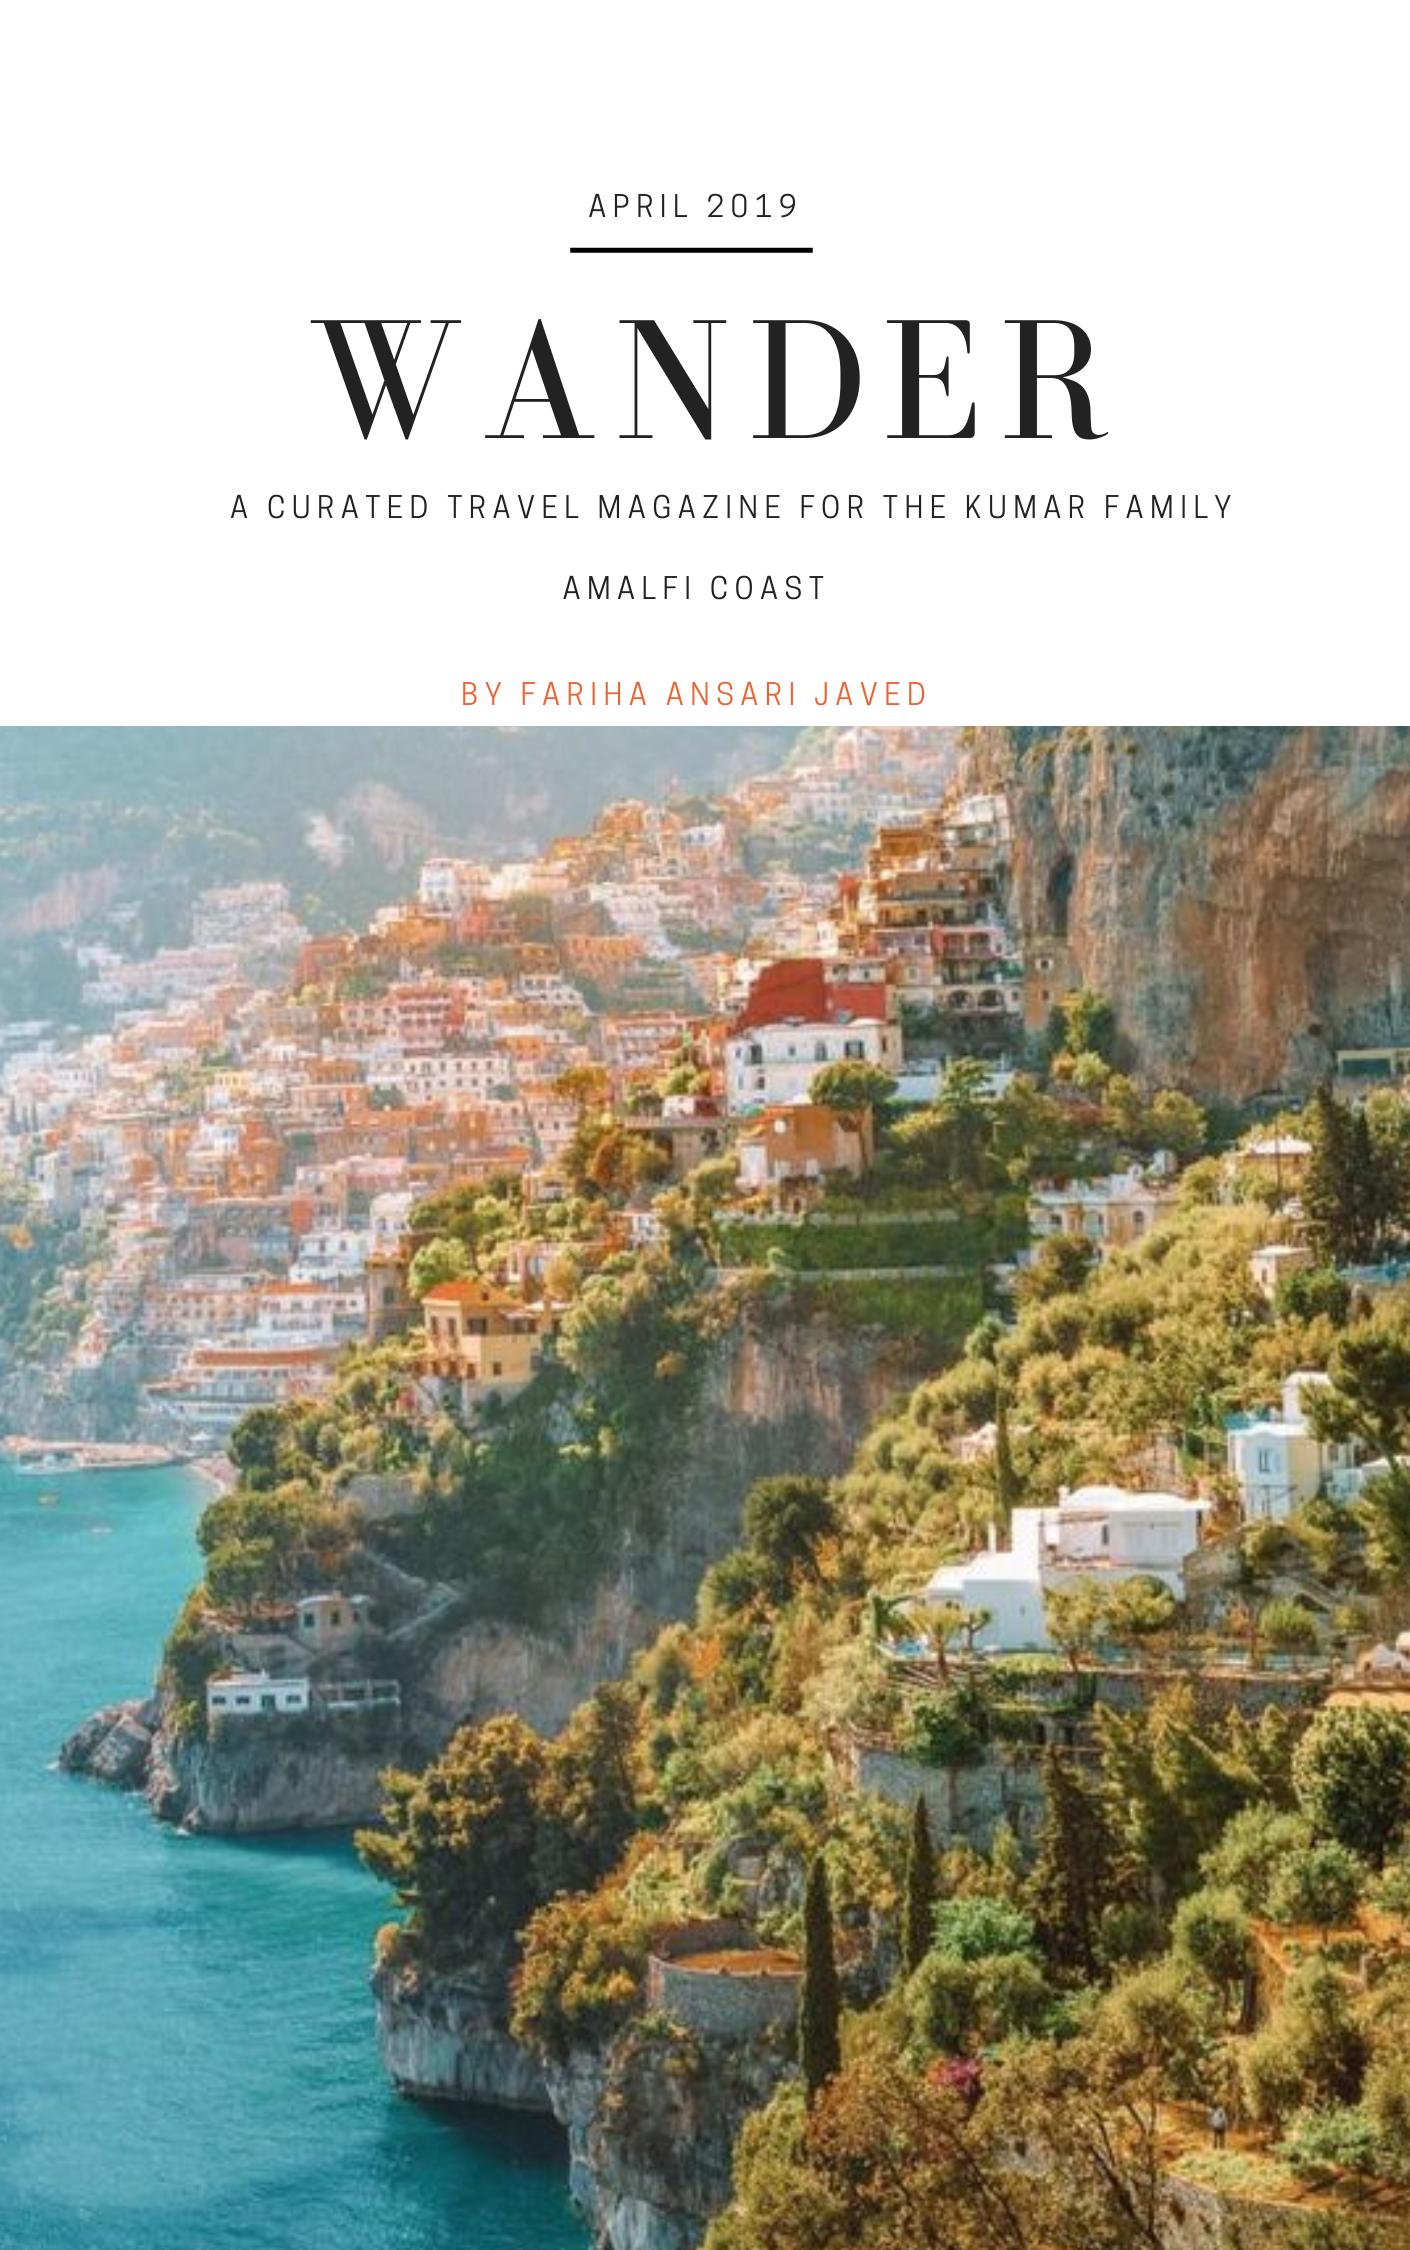 Wander travel Fariha ansari javed Amalfi